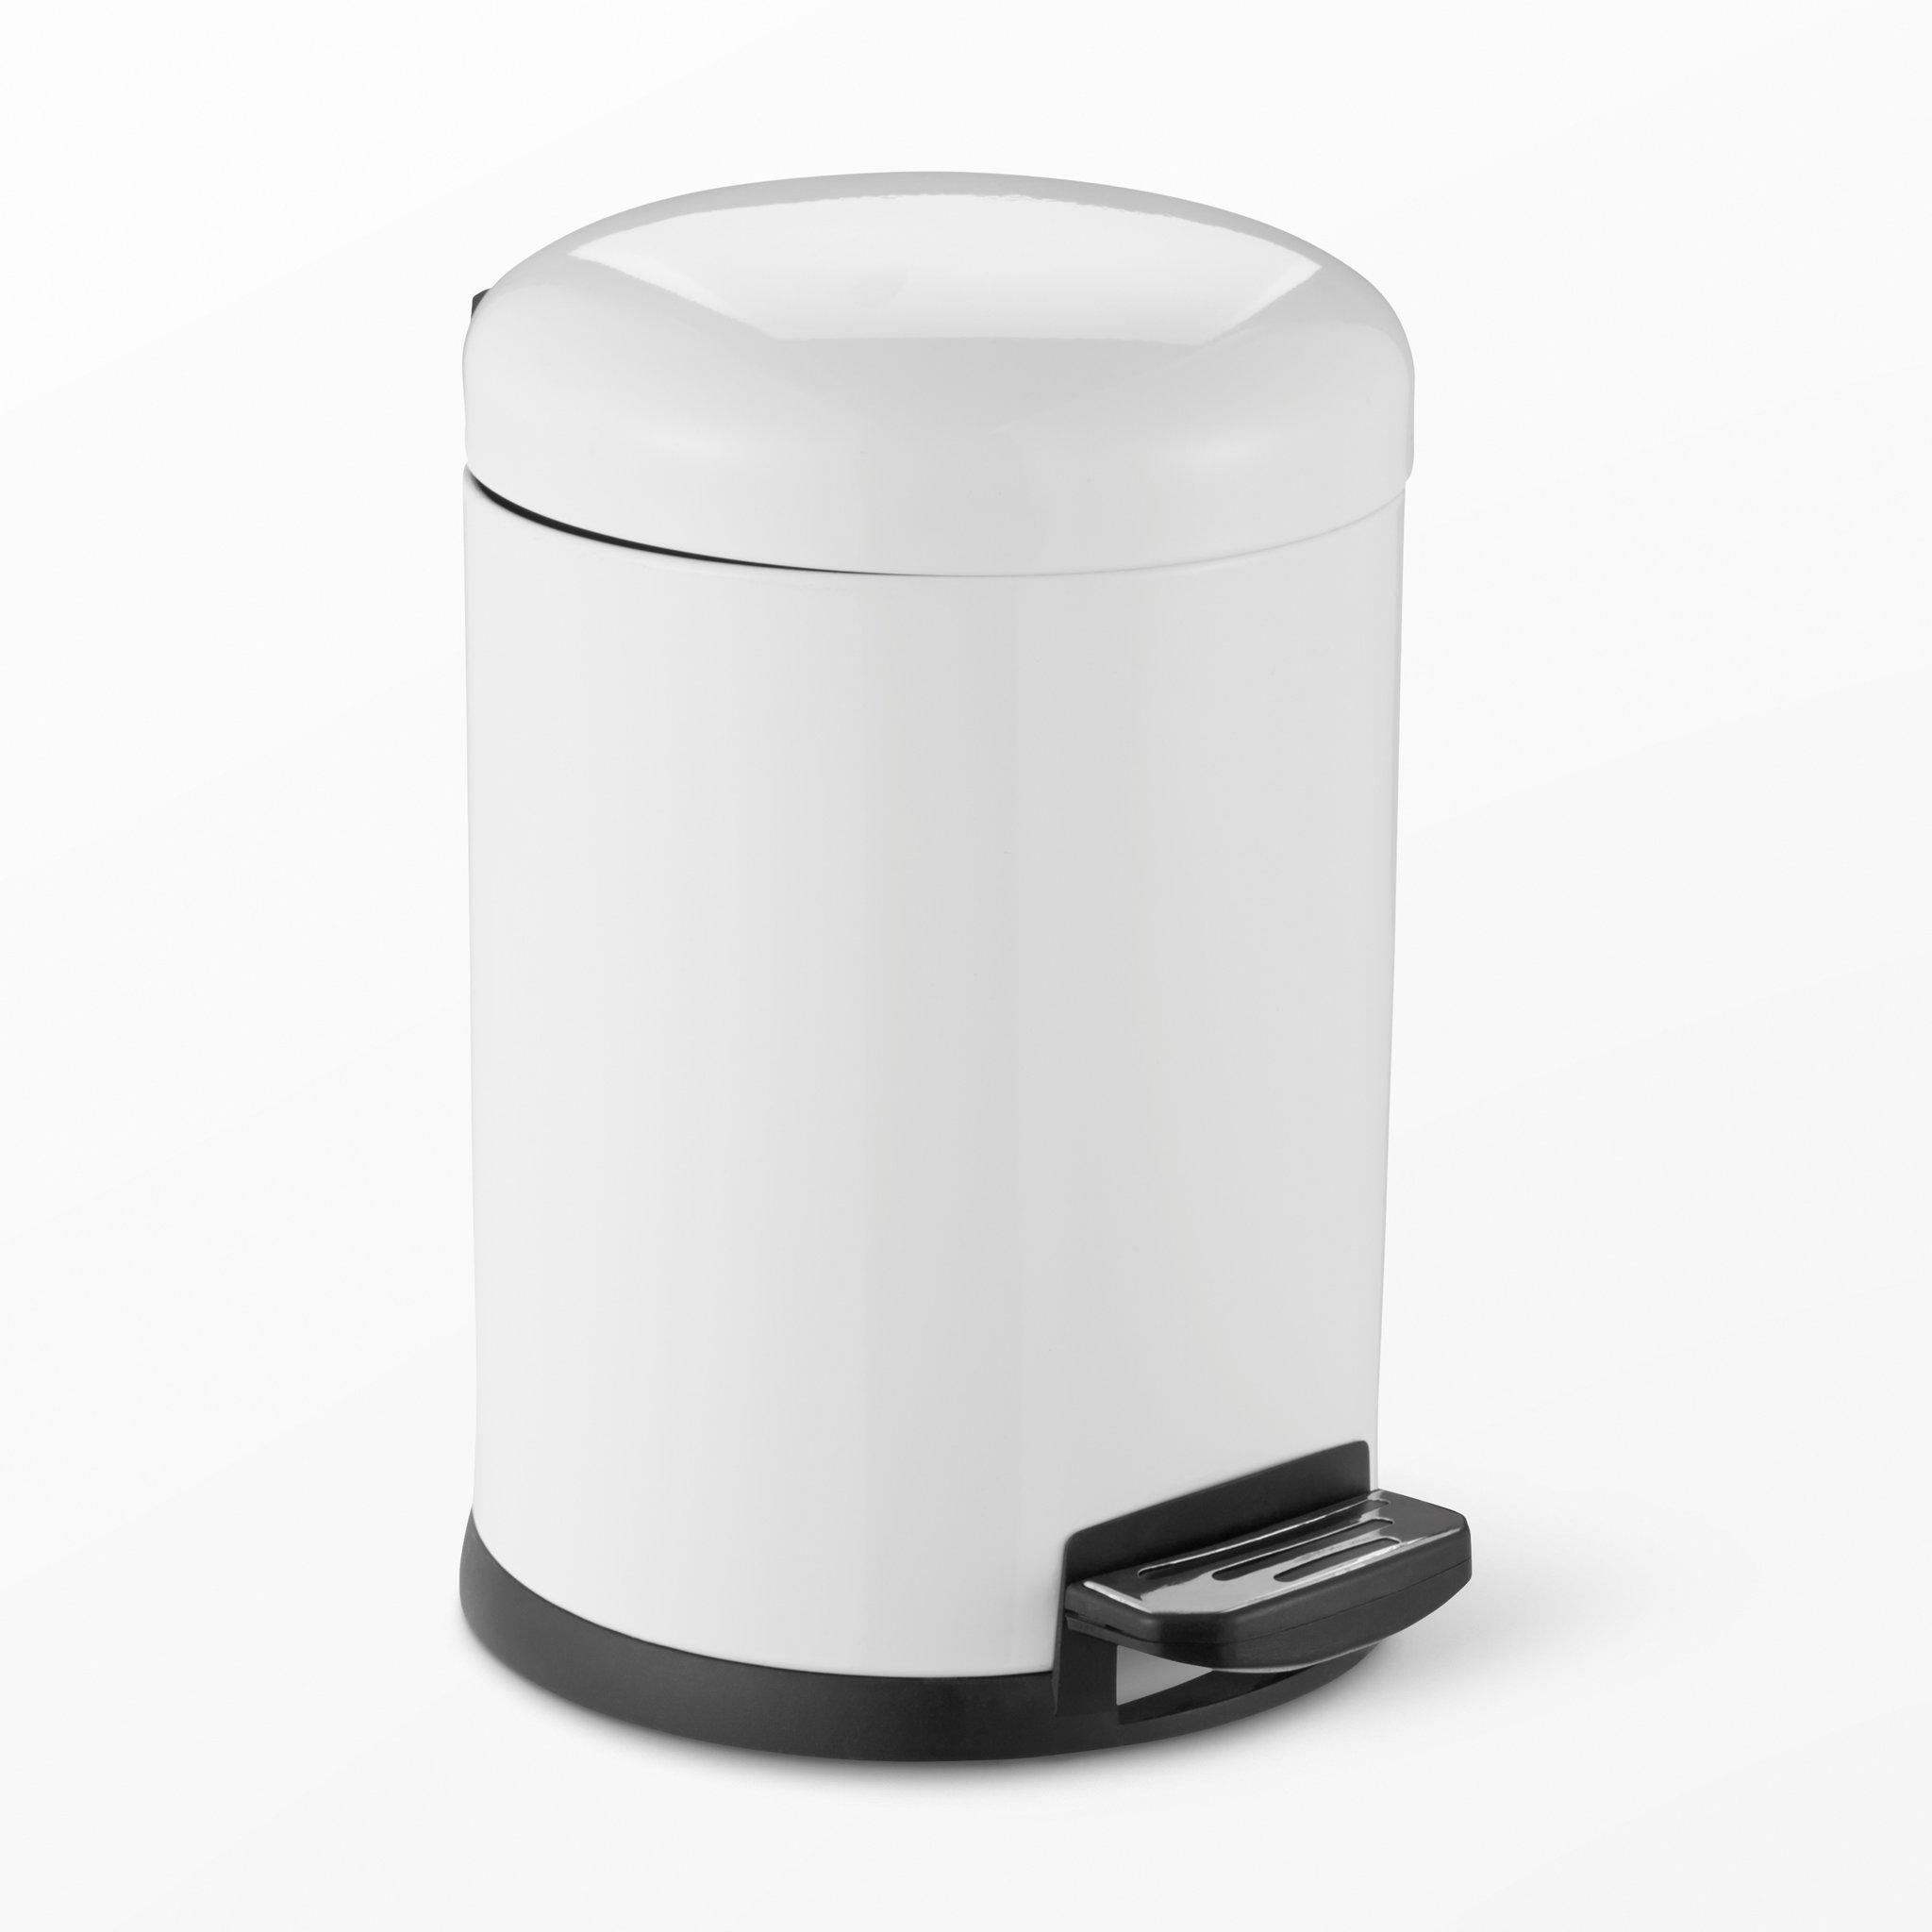 Toalettpappershållare   badrumsaccessoarer  köp online på åhlens.se!